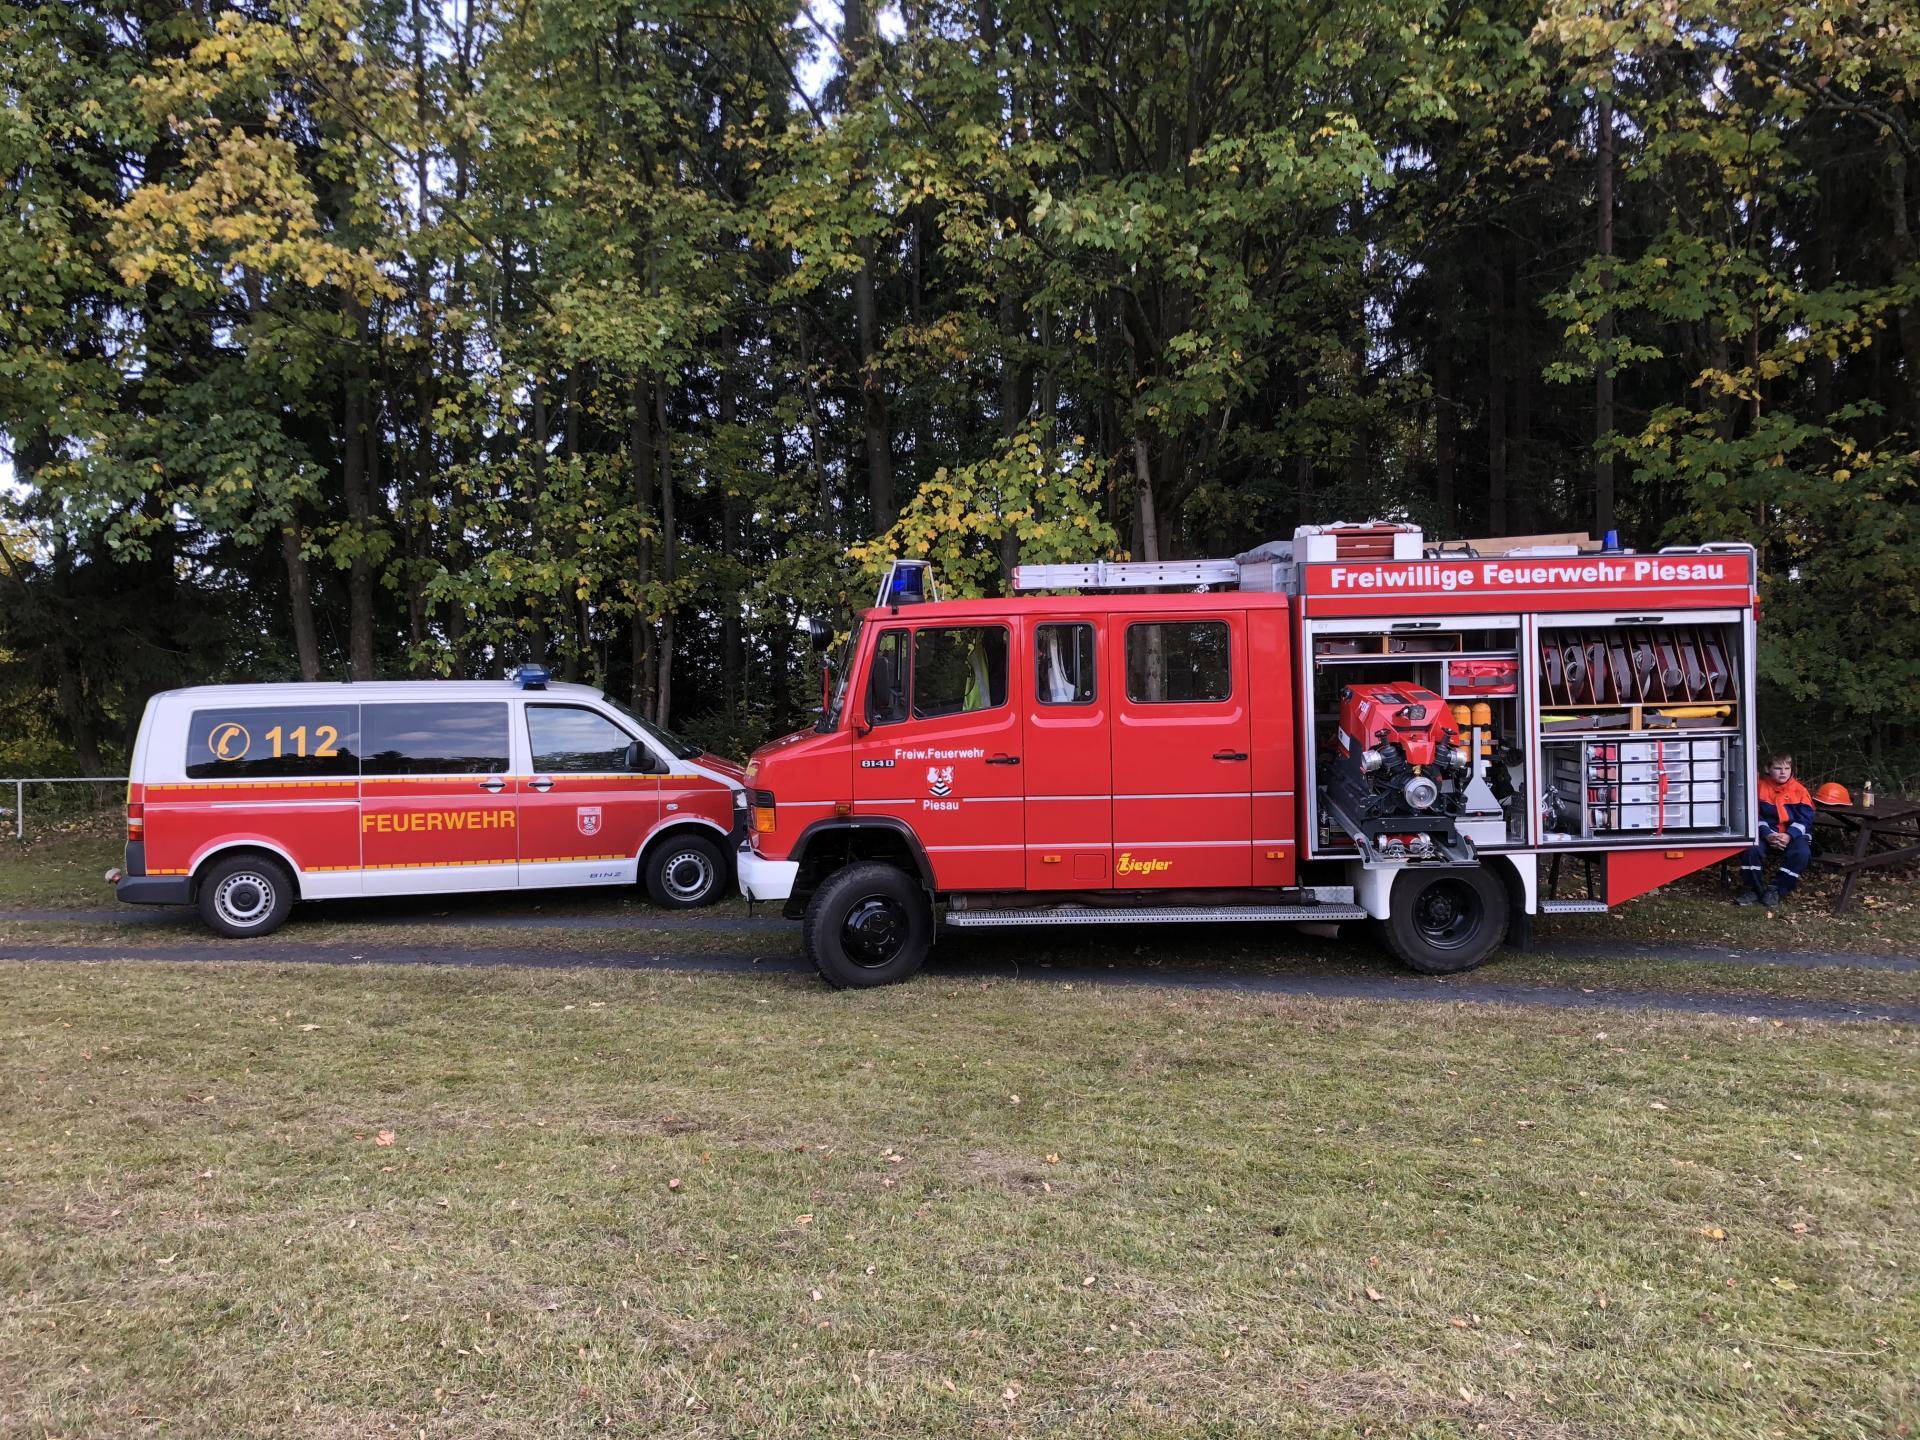 Fahrzeuge der Ortsteilfeuerwehr Piesau